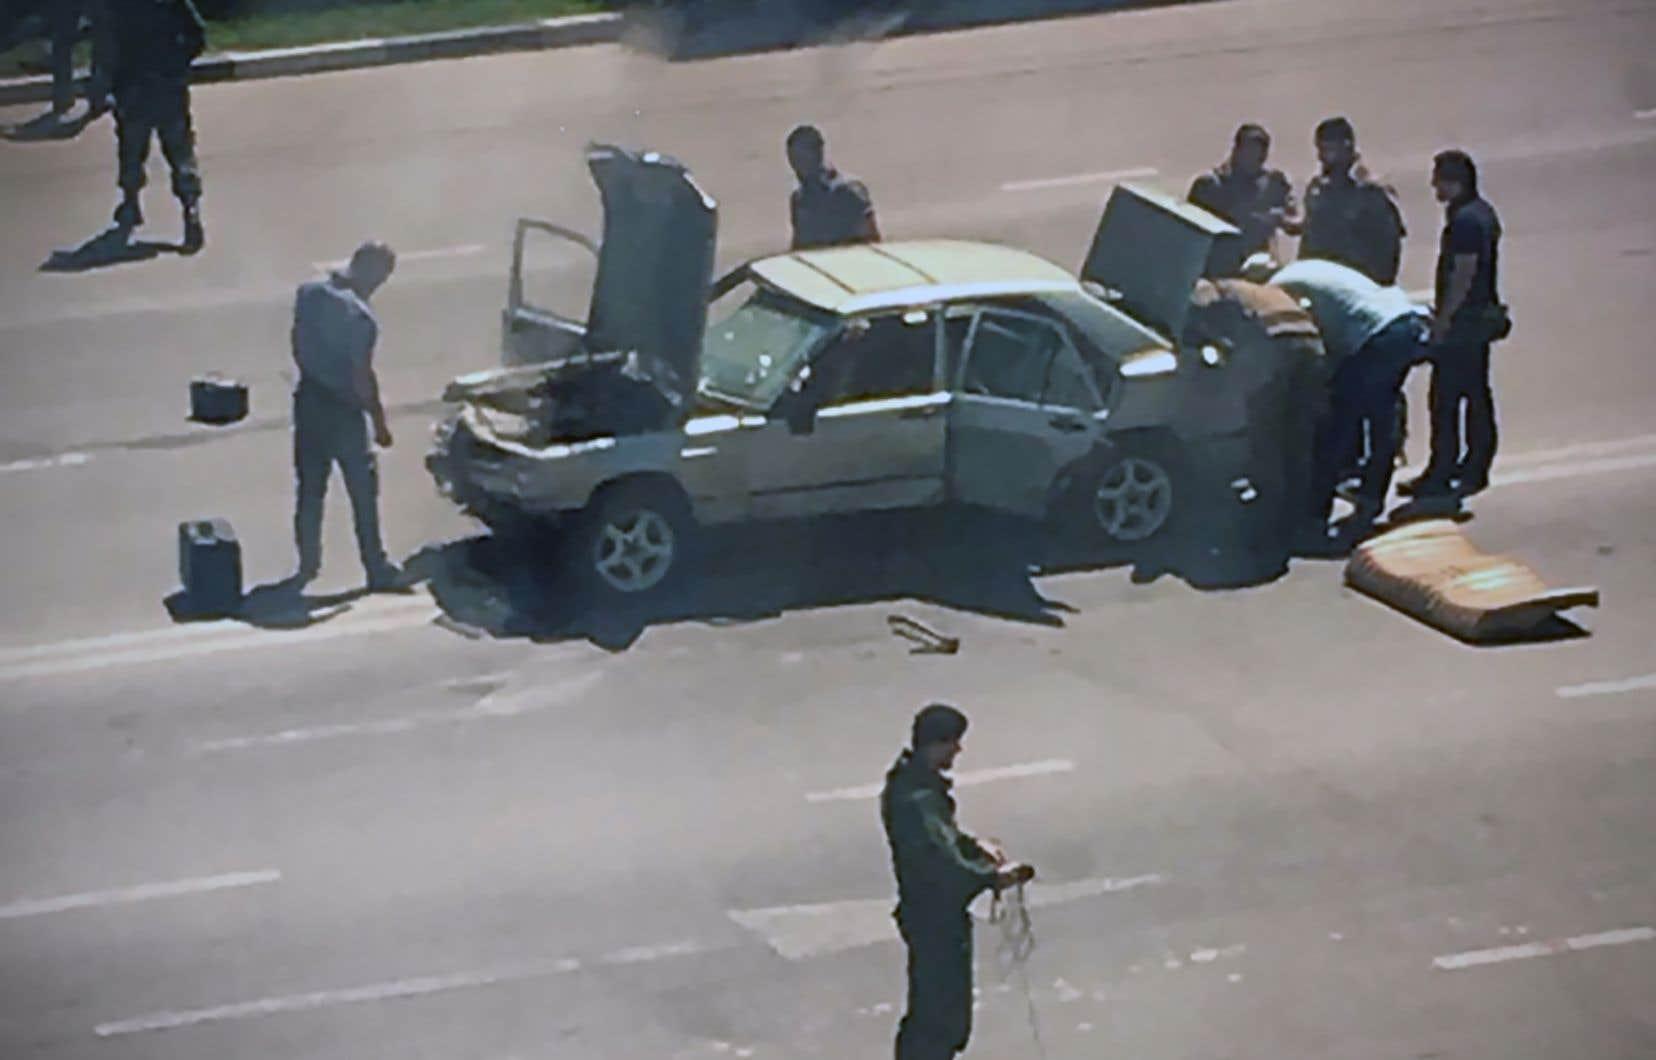 Selon le dirigeant tchétchène Ramzan Kadyrov, «des agents de la circulation ont reçu des blessures» à Grozny, la capitale.